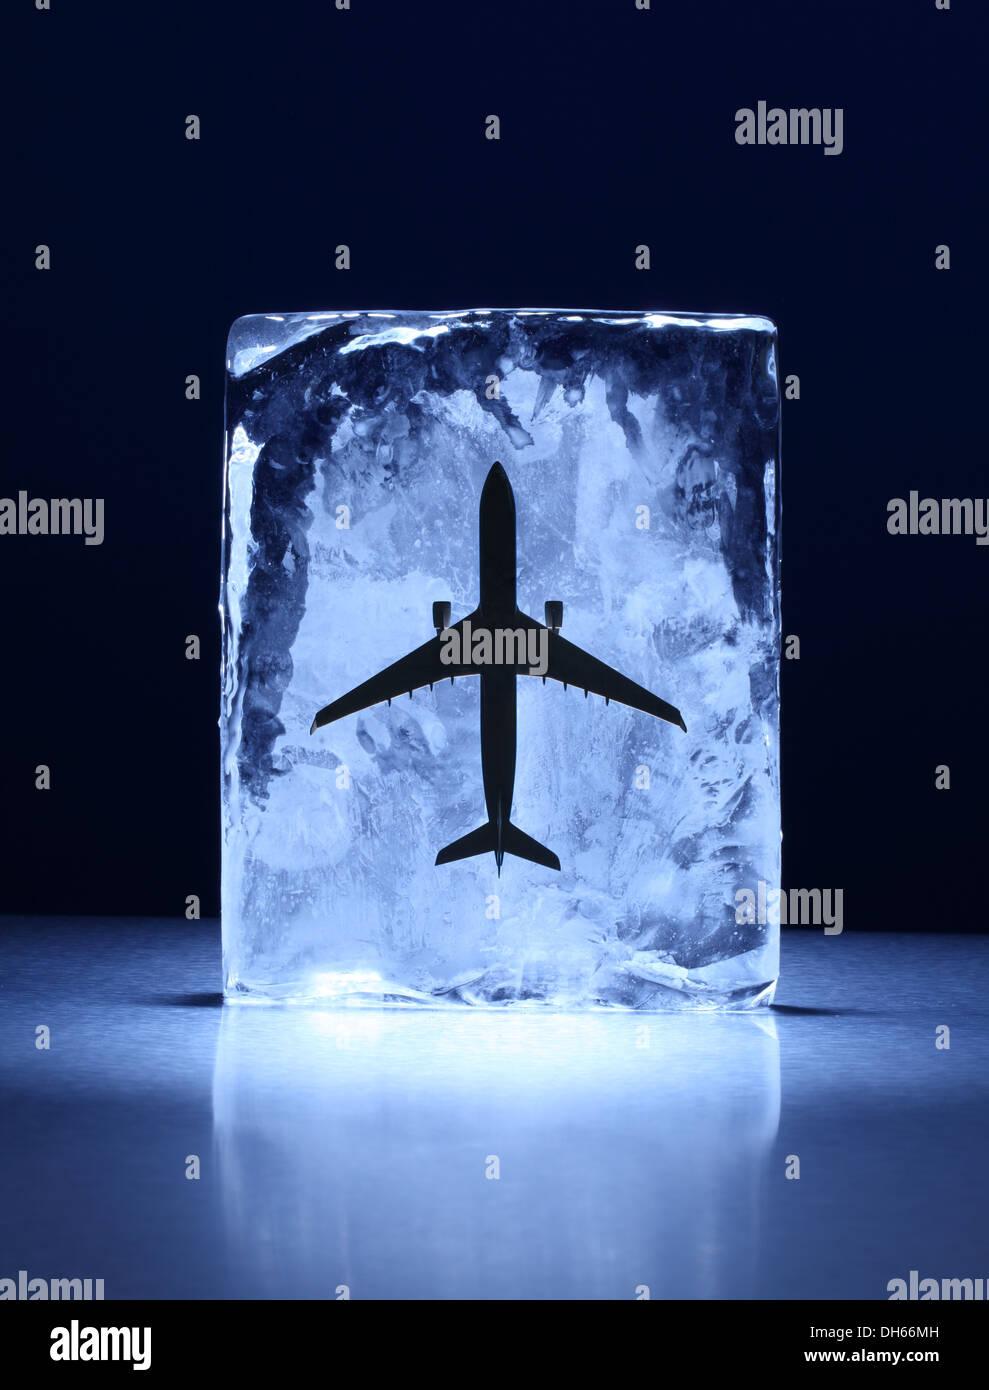 Un modèle réduit d'avion congelé dans un bloc de glace claire Photo Stock